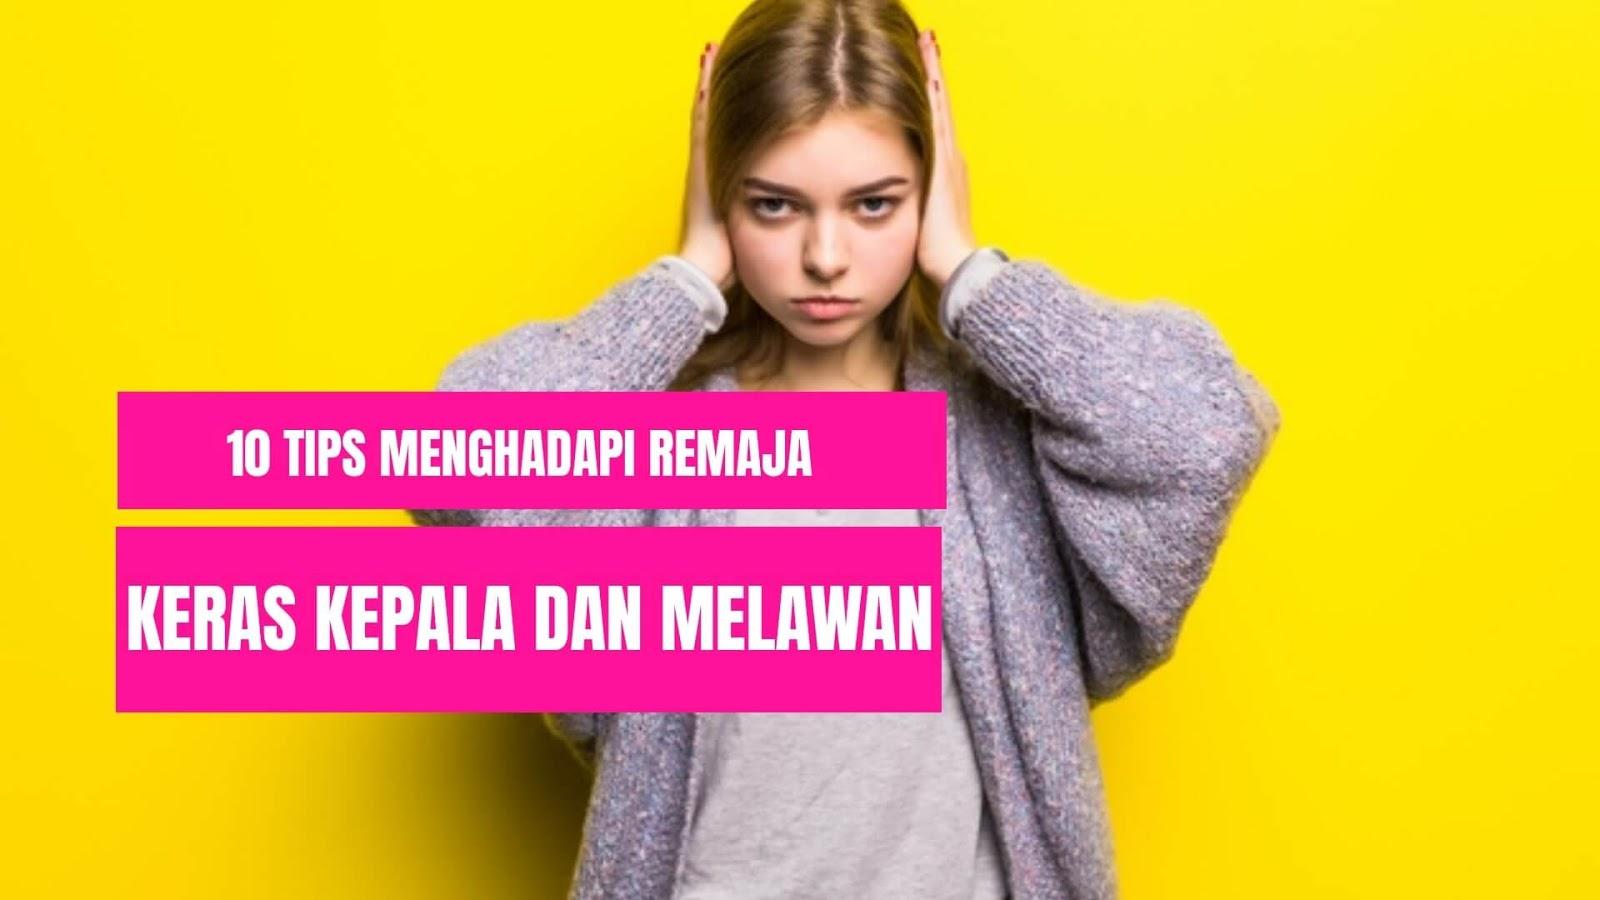 10-tips-menghadapi-remaja-yang-keras-kepala